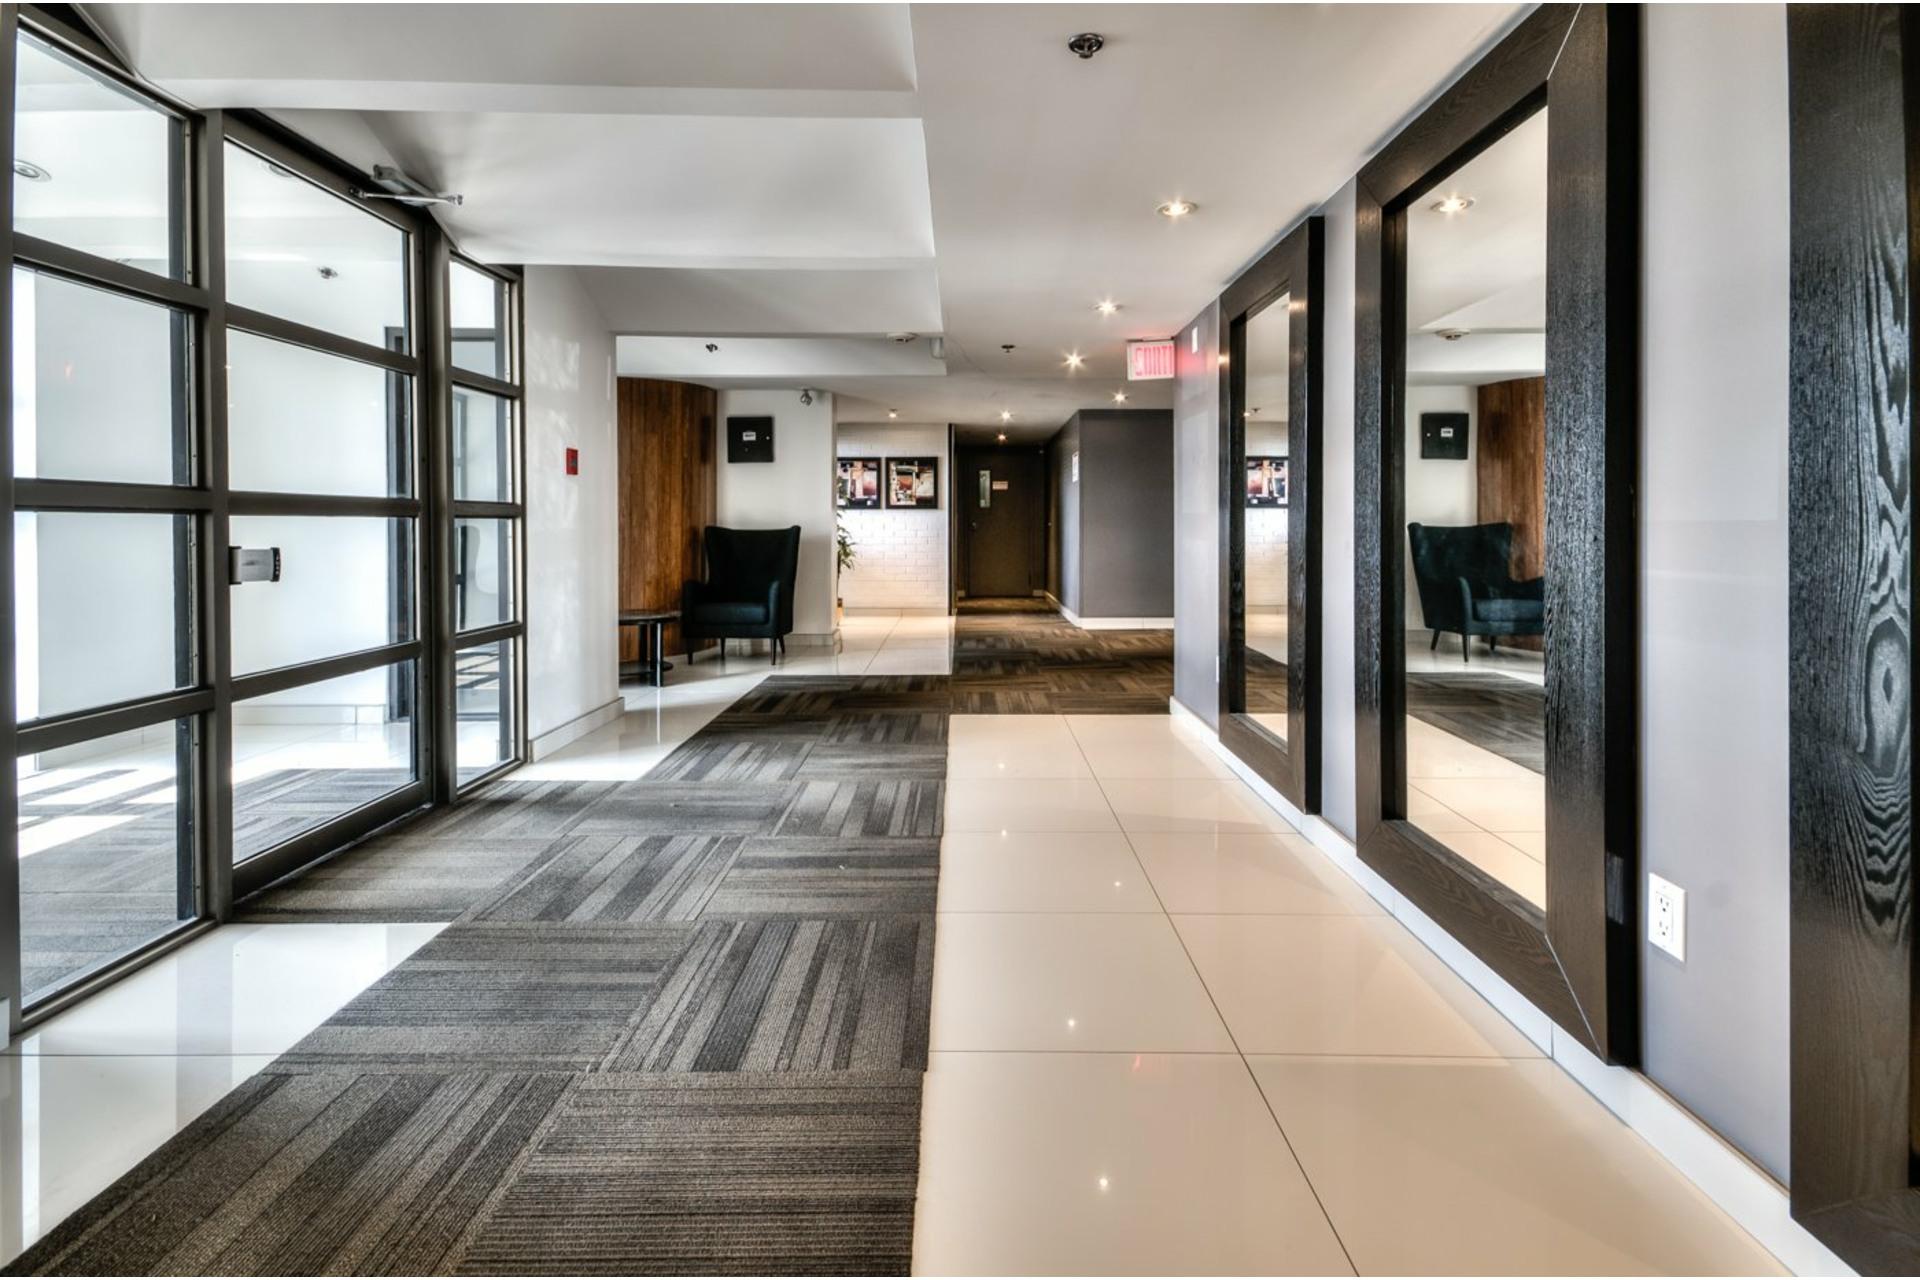 image 2 - Appartement À vendre Brossard - 5 pièces